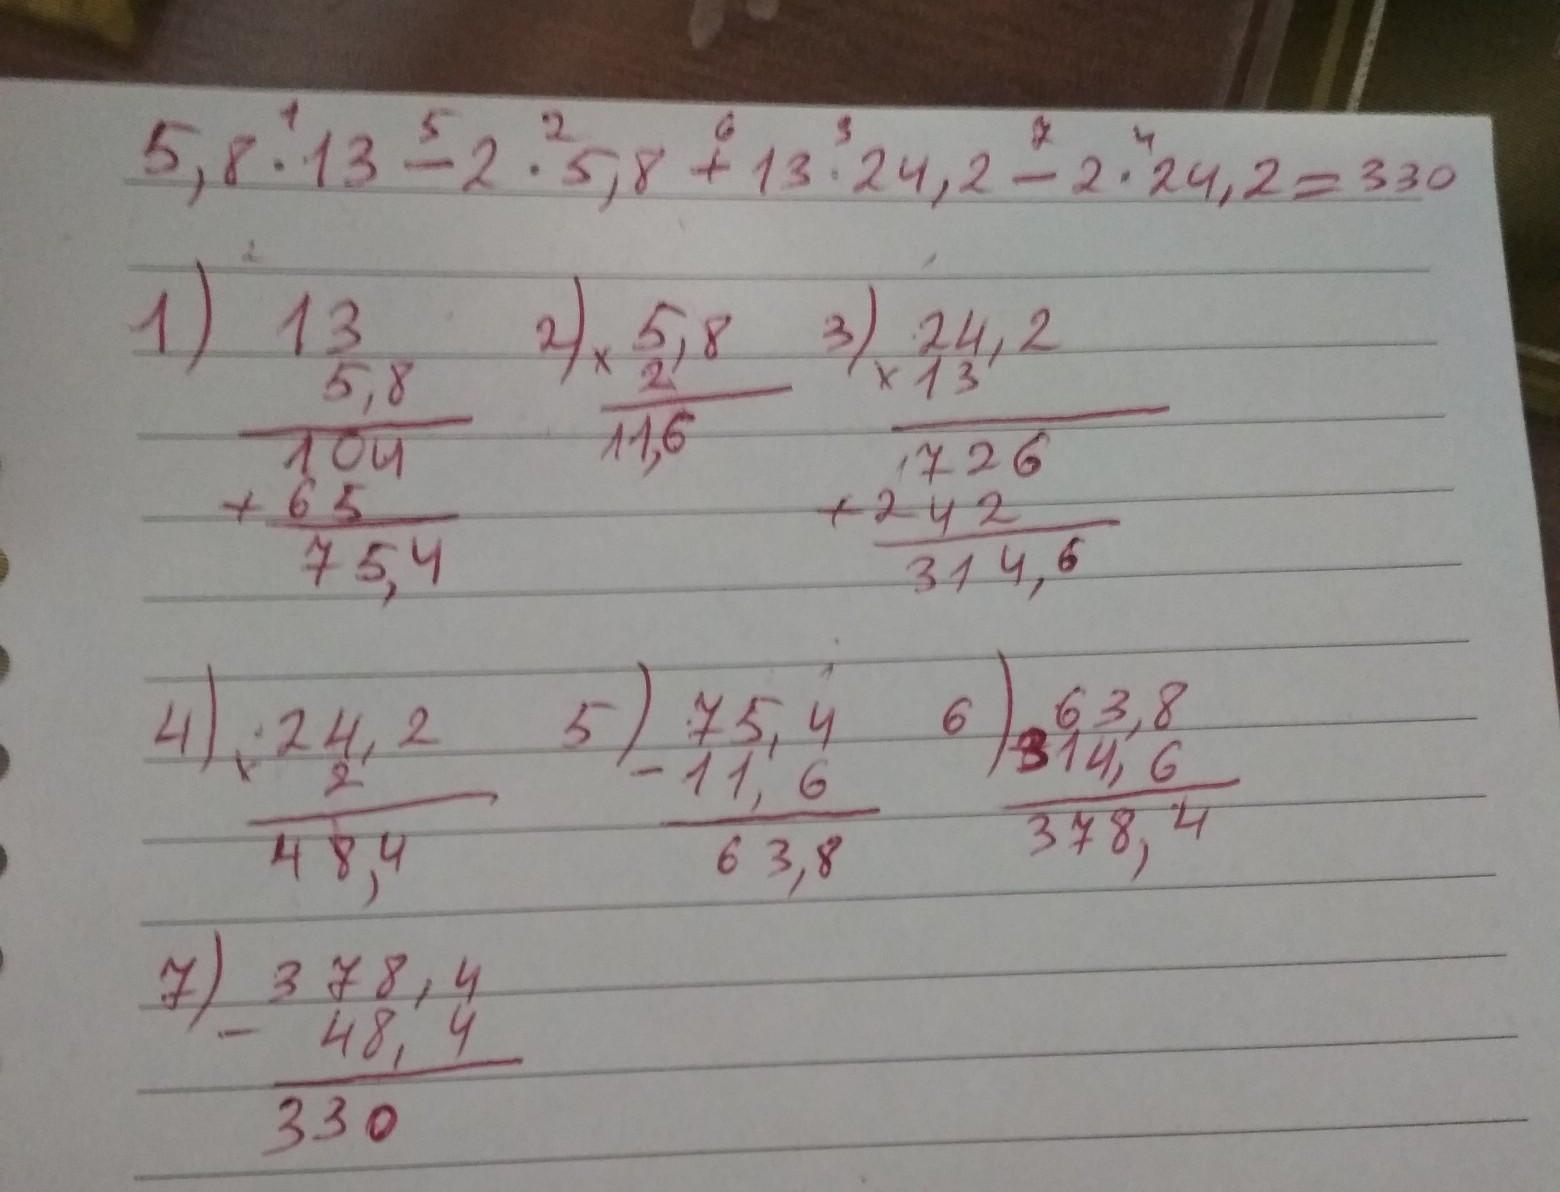 Вычисли: 5,8⋅13−2⋅5,8+13⋅24,2−2⋅24,2